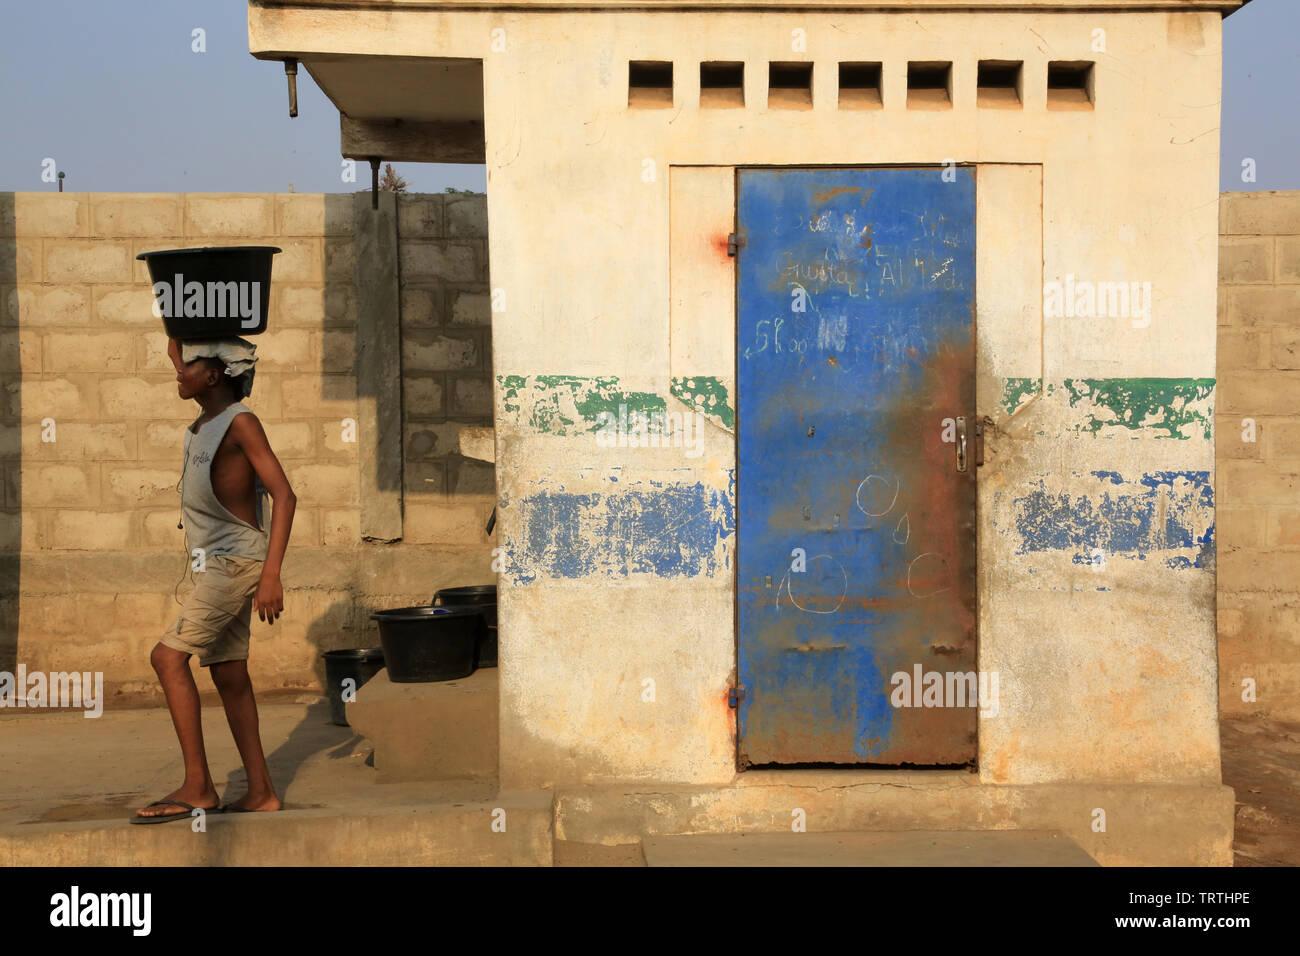 Les Africains ont de l'eau avec un seau. Lomé. Le Togo. Afrique de l'Ouest. Photo Stock